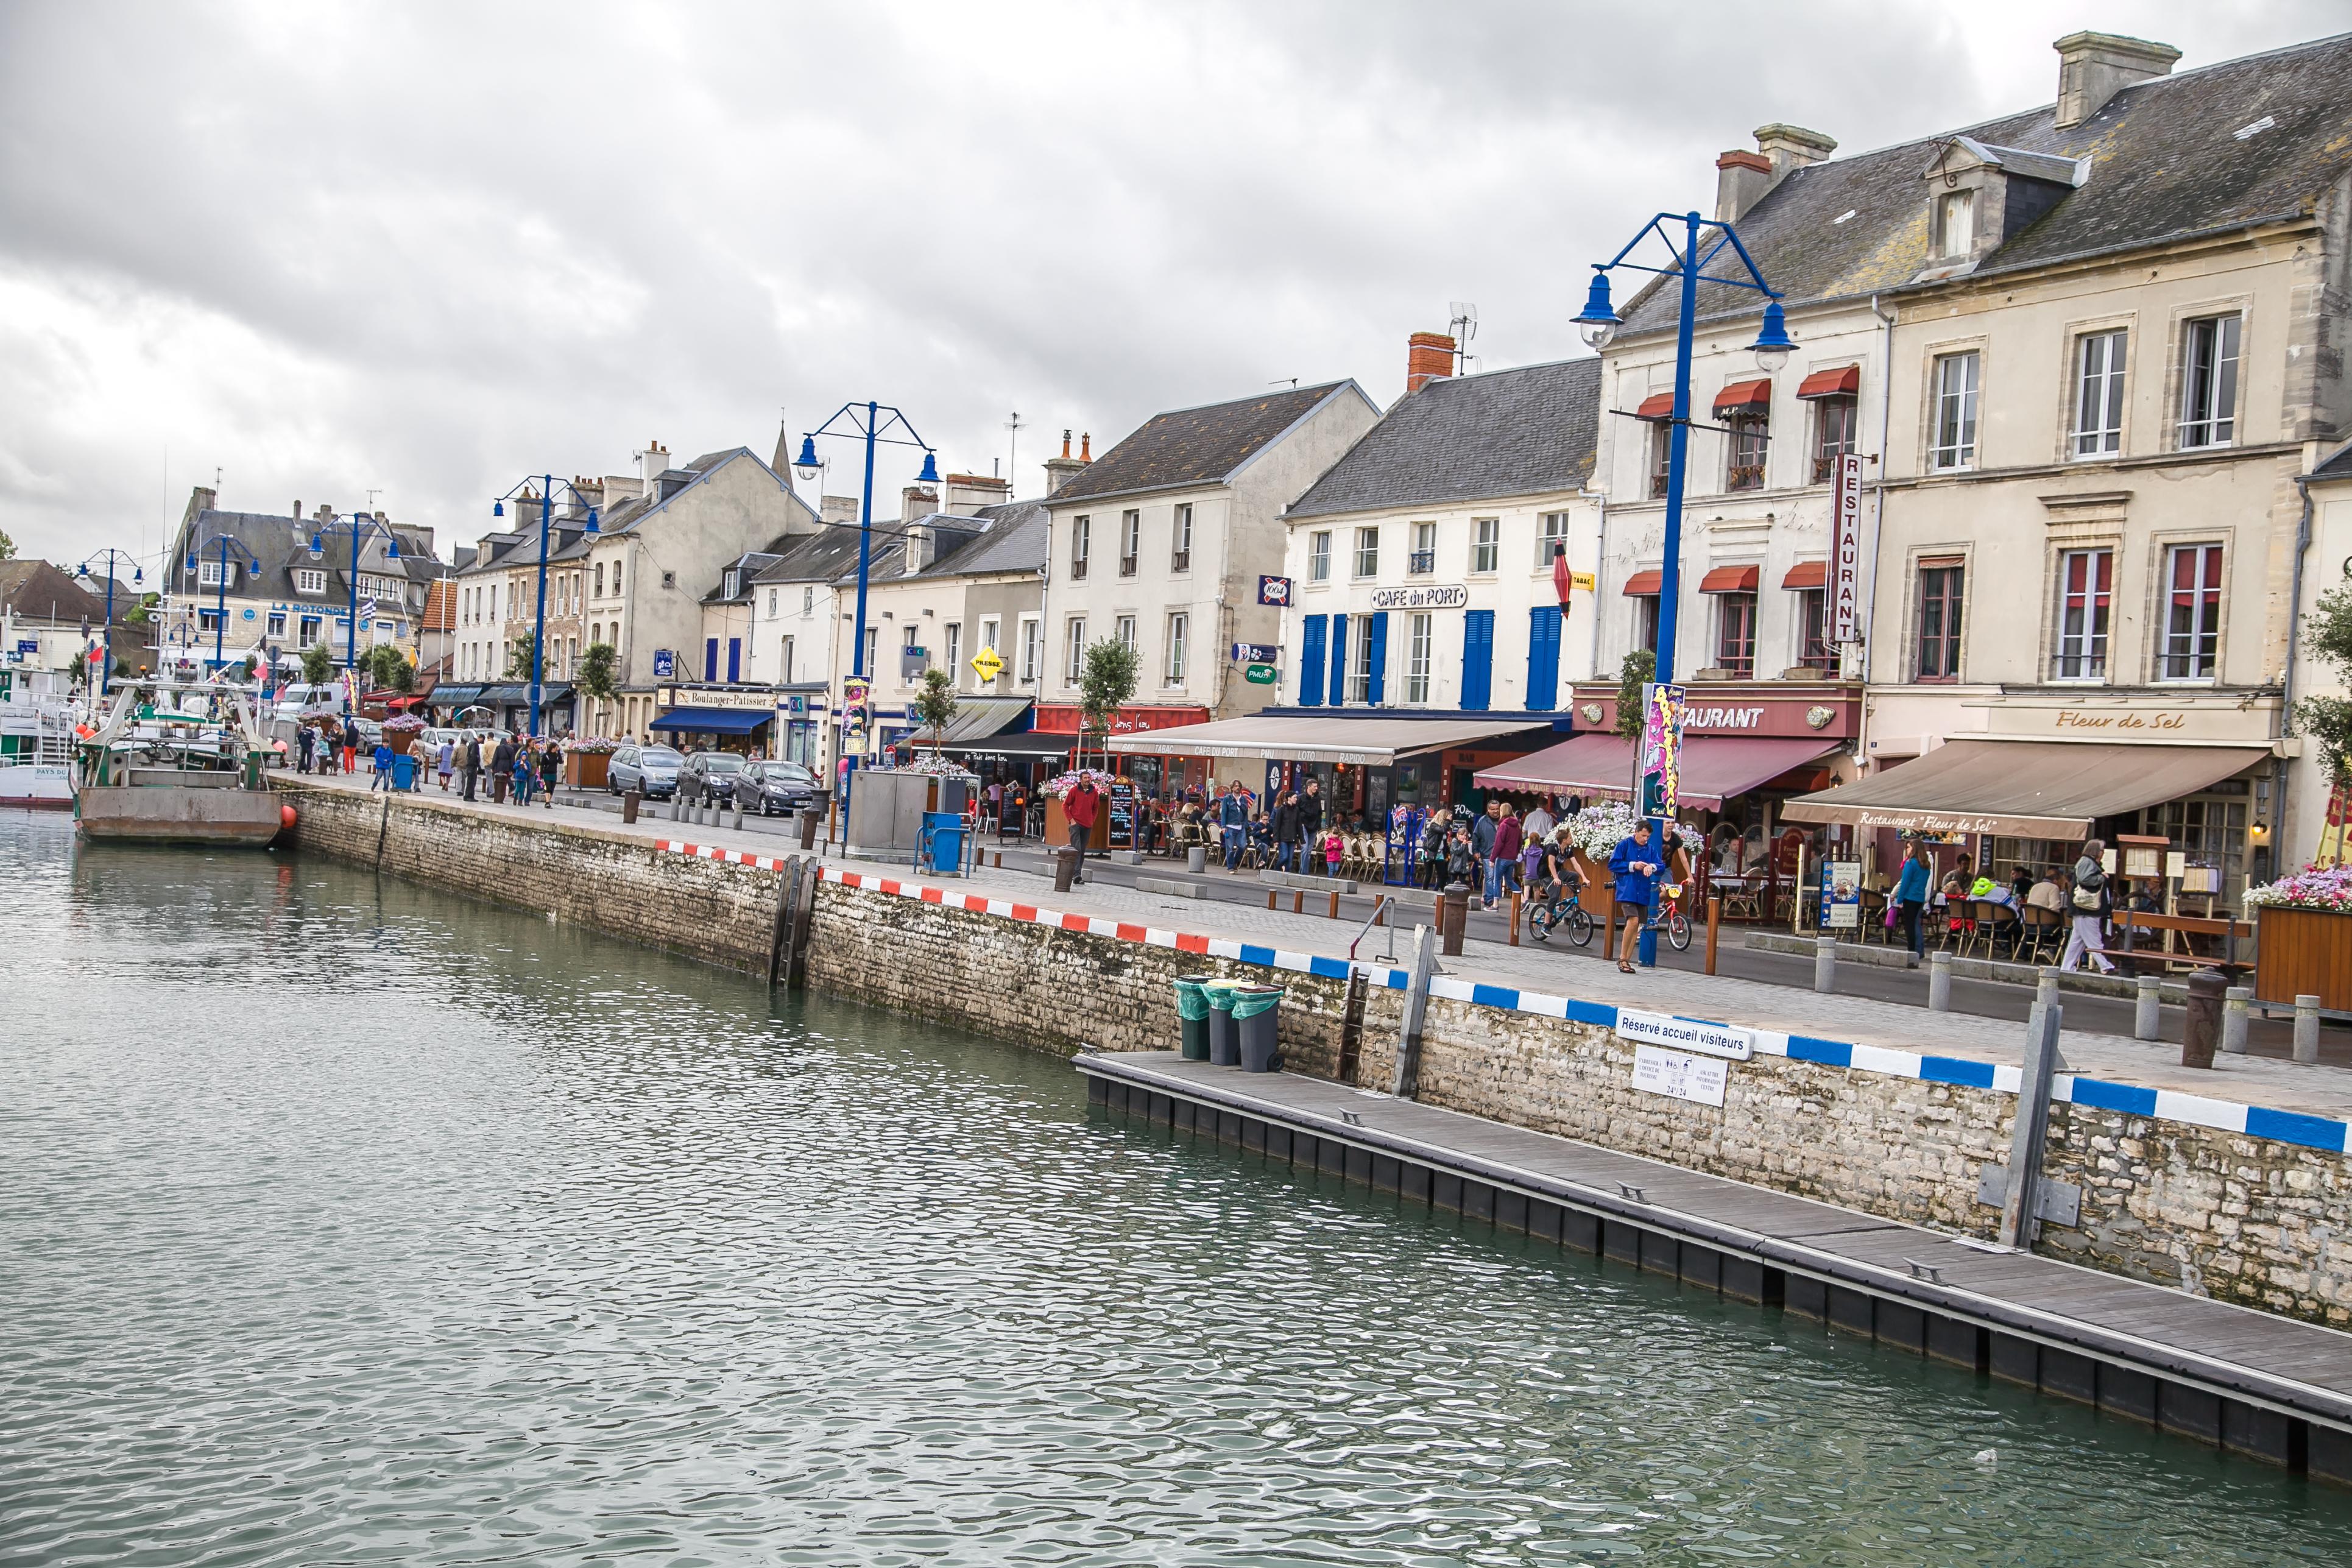 Photo port en bessin huppain 14520 port en bessin huppain 308729 - Poissonnerie port en bessin ...